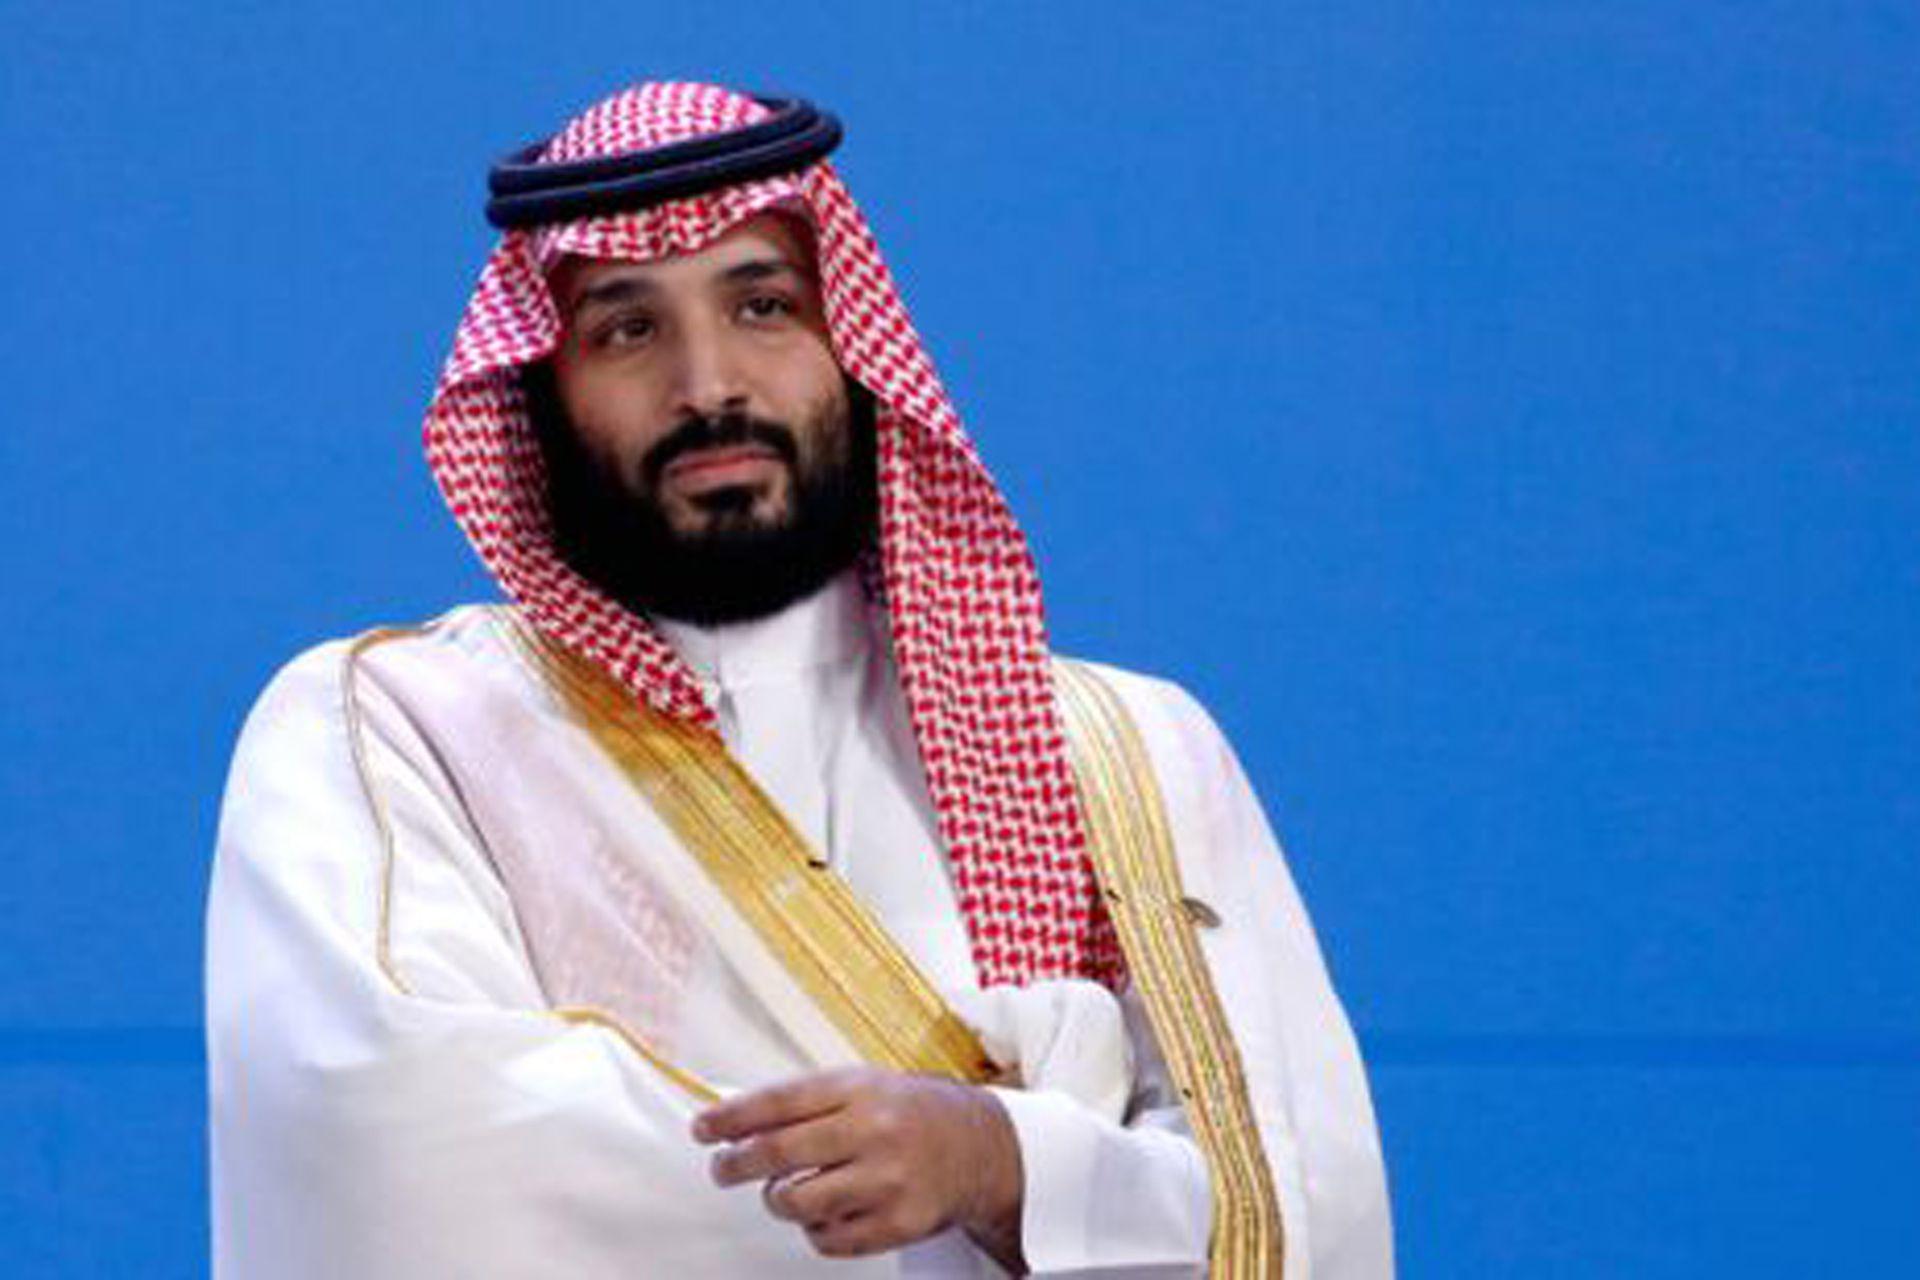 El príncipe heredero Mohammed bin Salman fue blanco de las críticas de Khashoggi